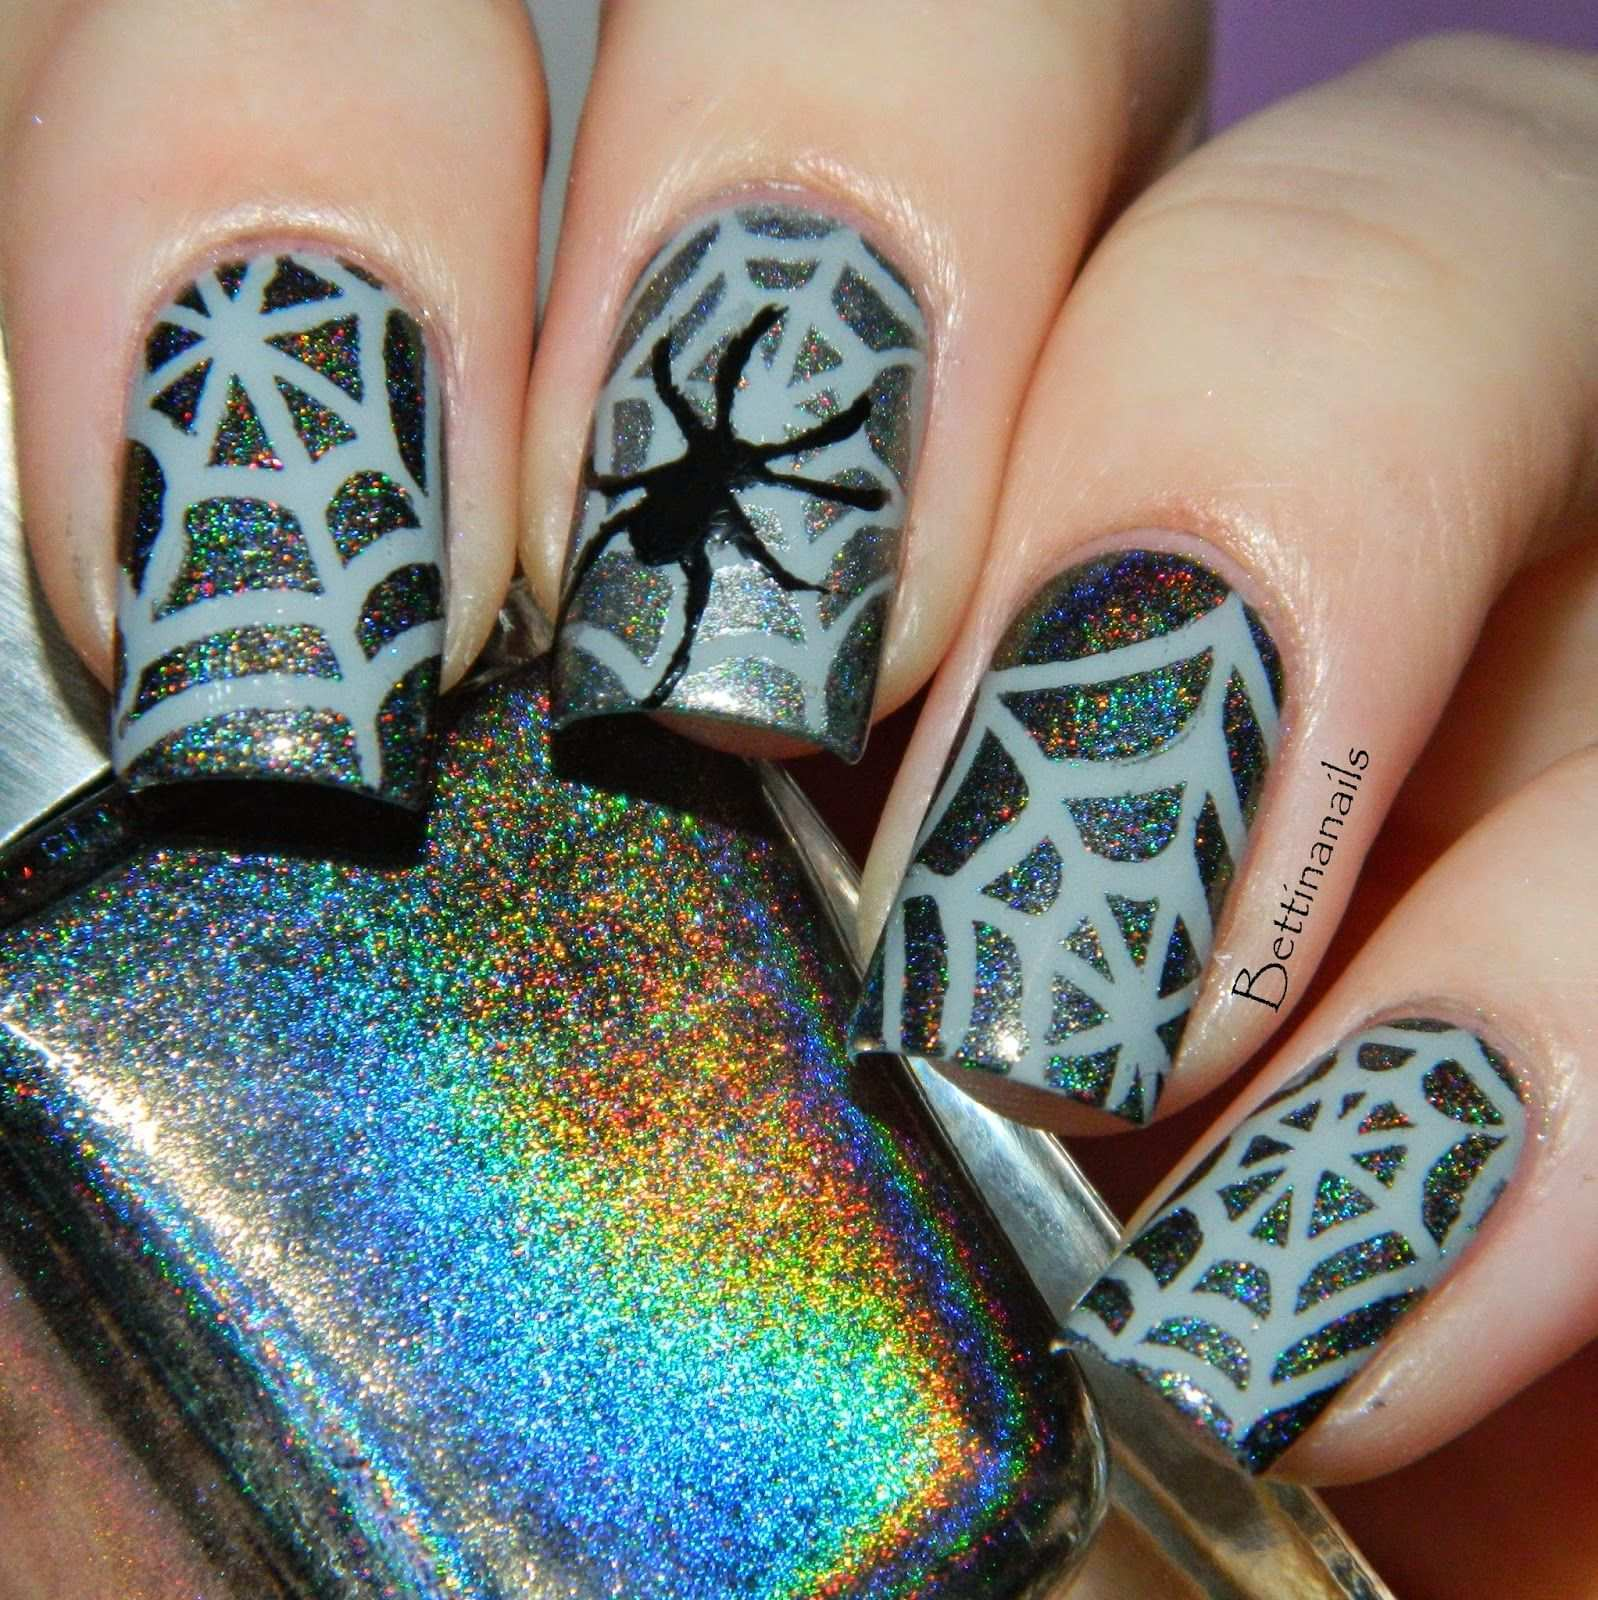 Nail Art Sticker Stencils By Sticky Nails Nagelkunst Design Trendy Nagelkunst Halloween Nageldesign